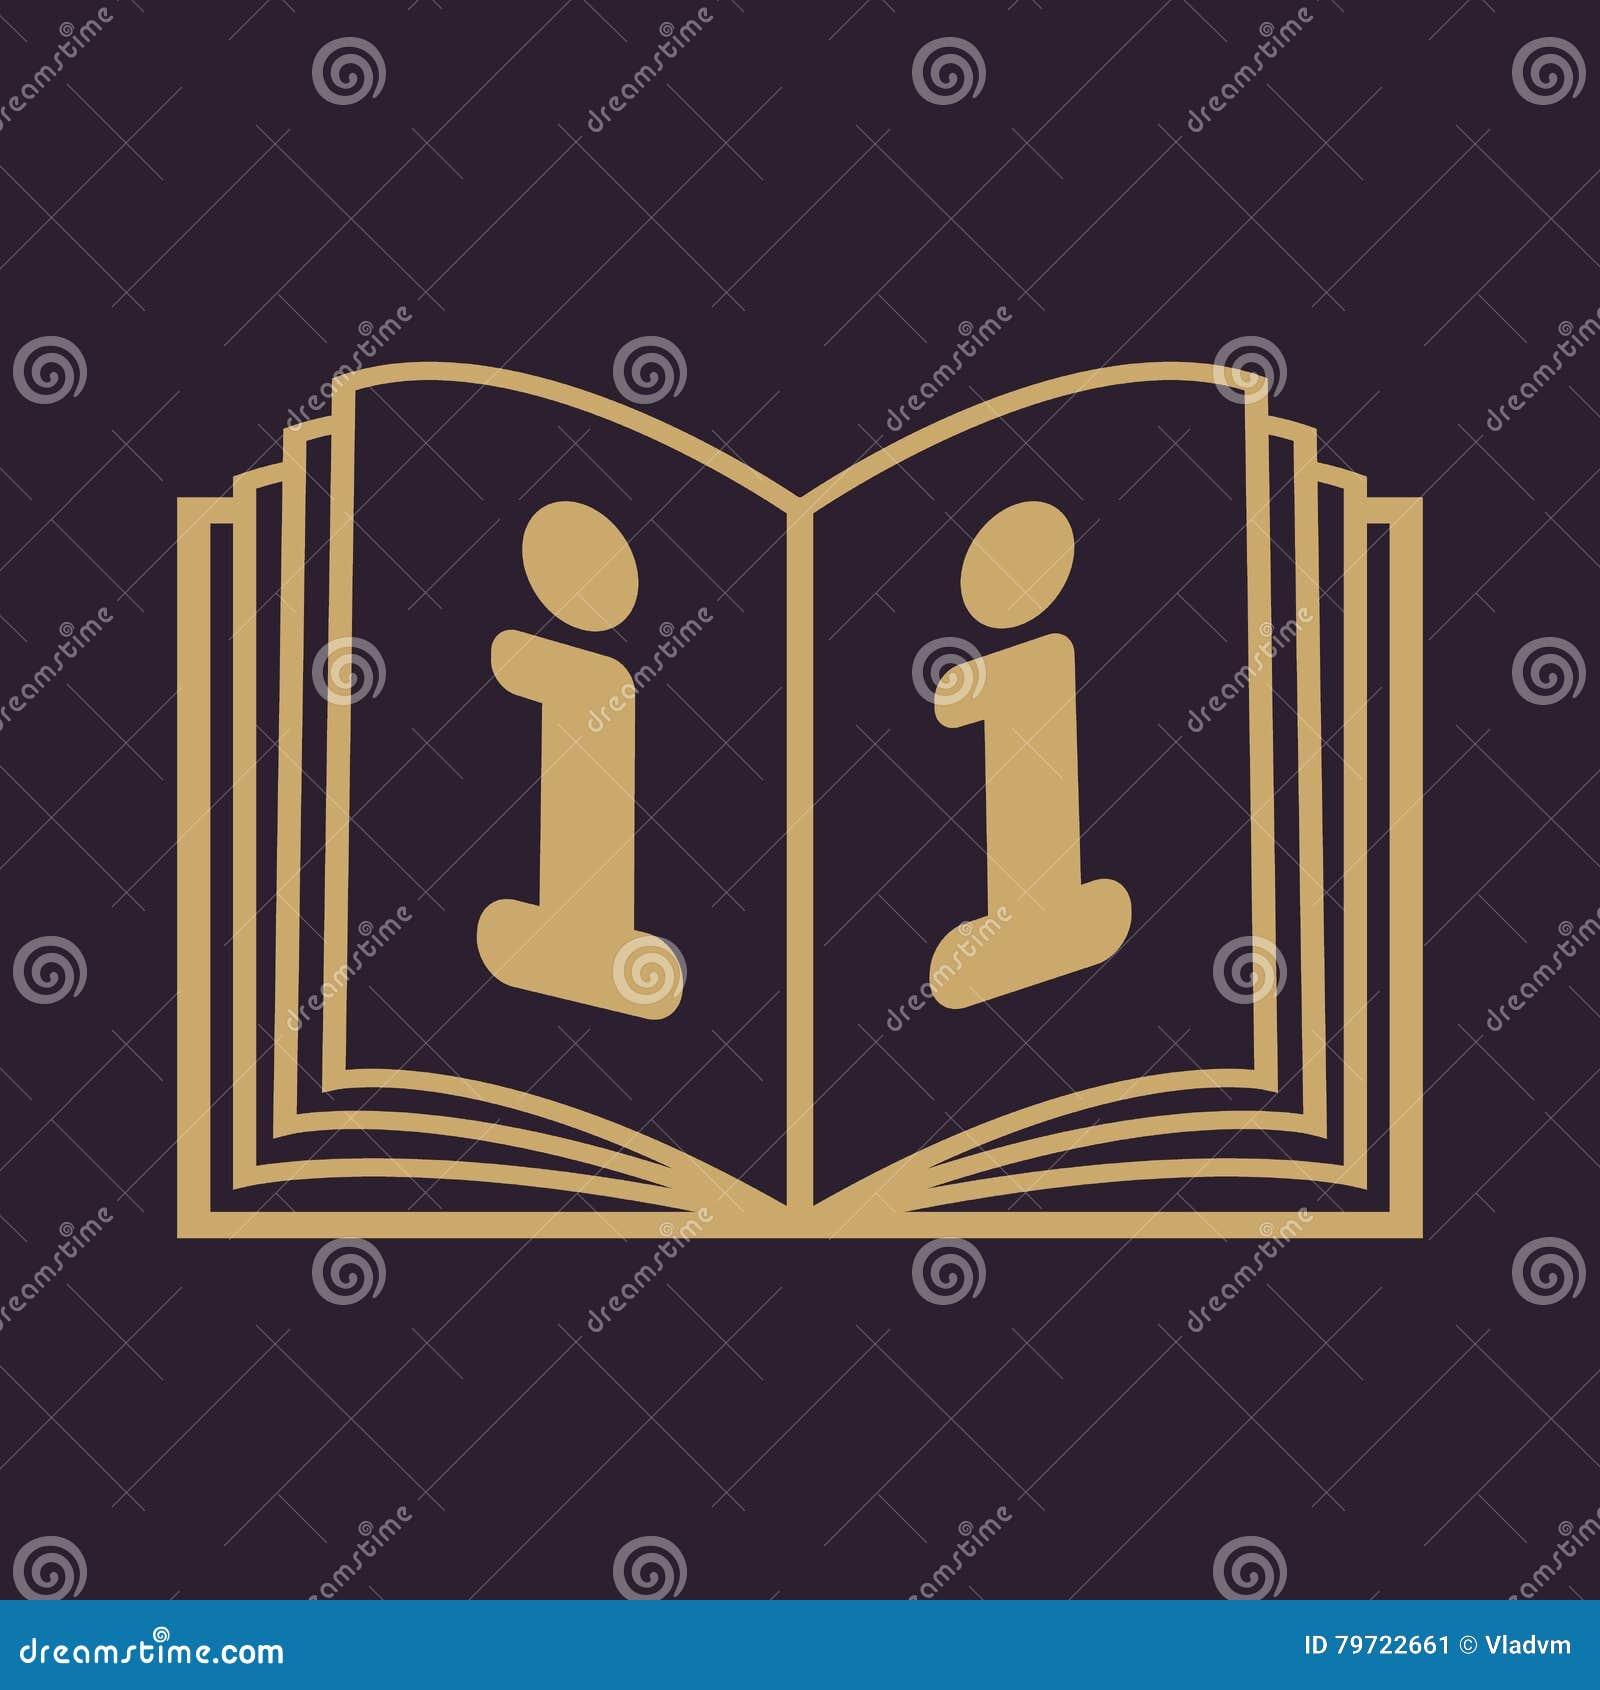 Το ανοικτό εικονίδιο βιβλίων Χειρωνακτικός και διδακτικός, οδηγία, σύμβολο εγκυκλοπαιδειών επίπεδος